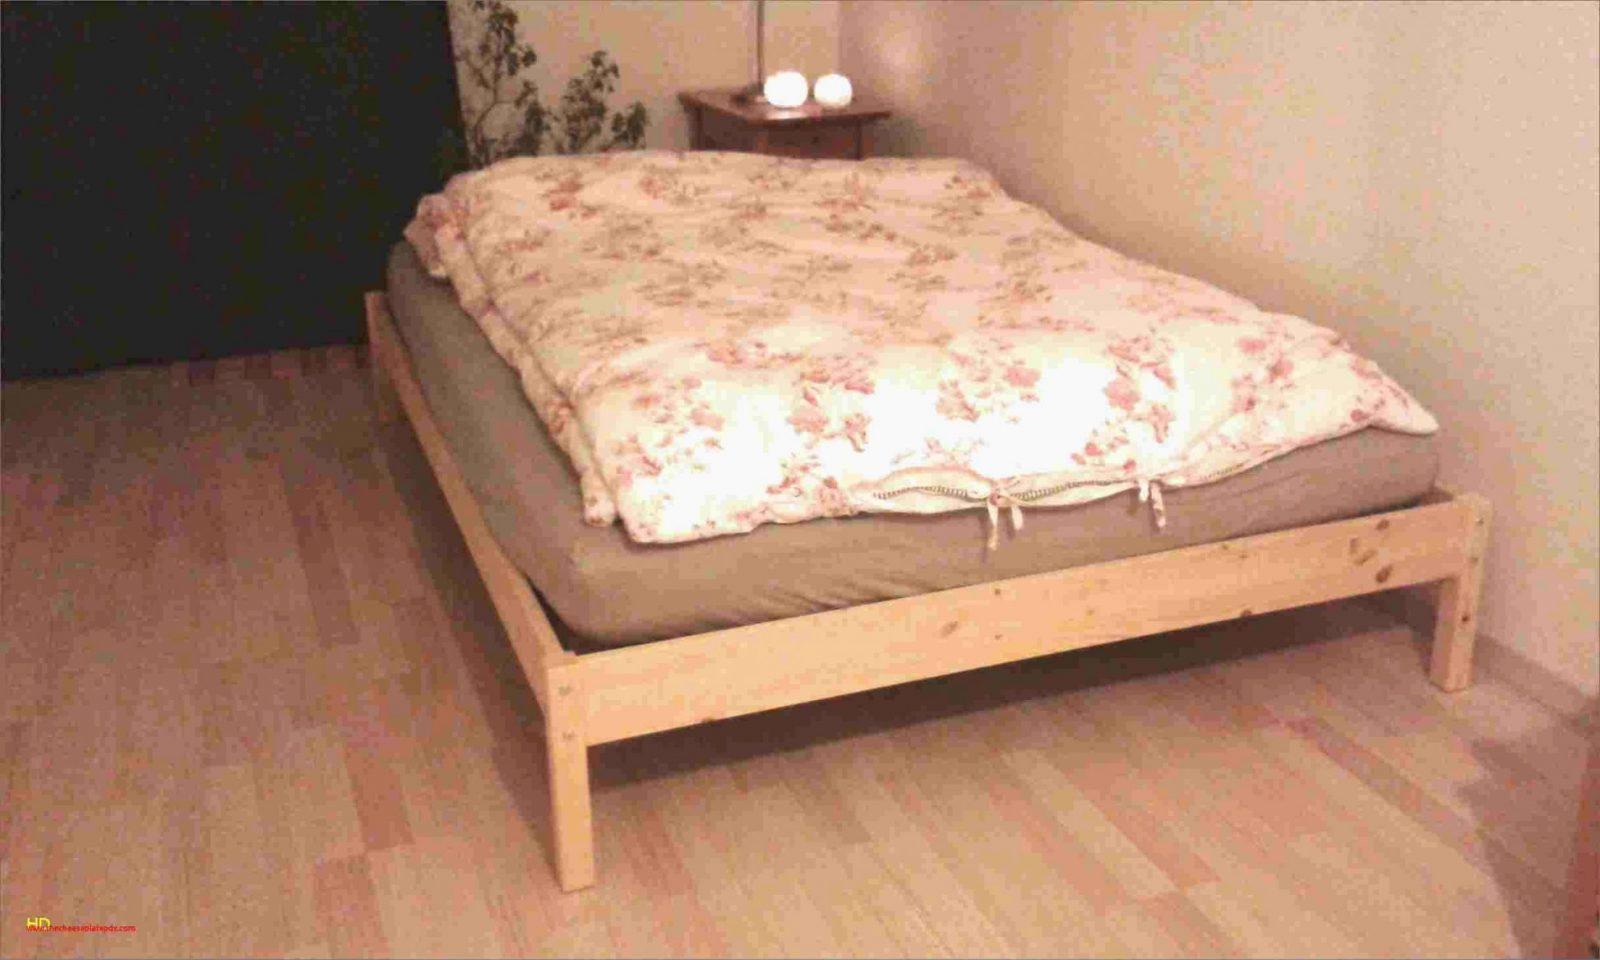 Elegant Bett Kopfteil Mit Beleuchtung Selber Bauen  Dekoration Bild von Bett Kopfteil Mit Beleuchtung Selber Bauen Bild